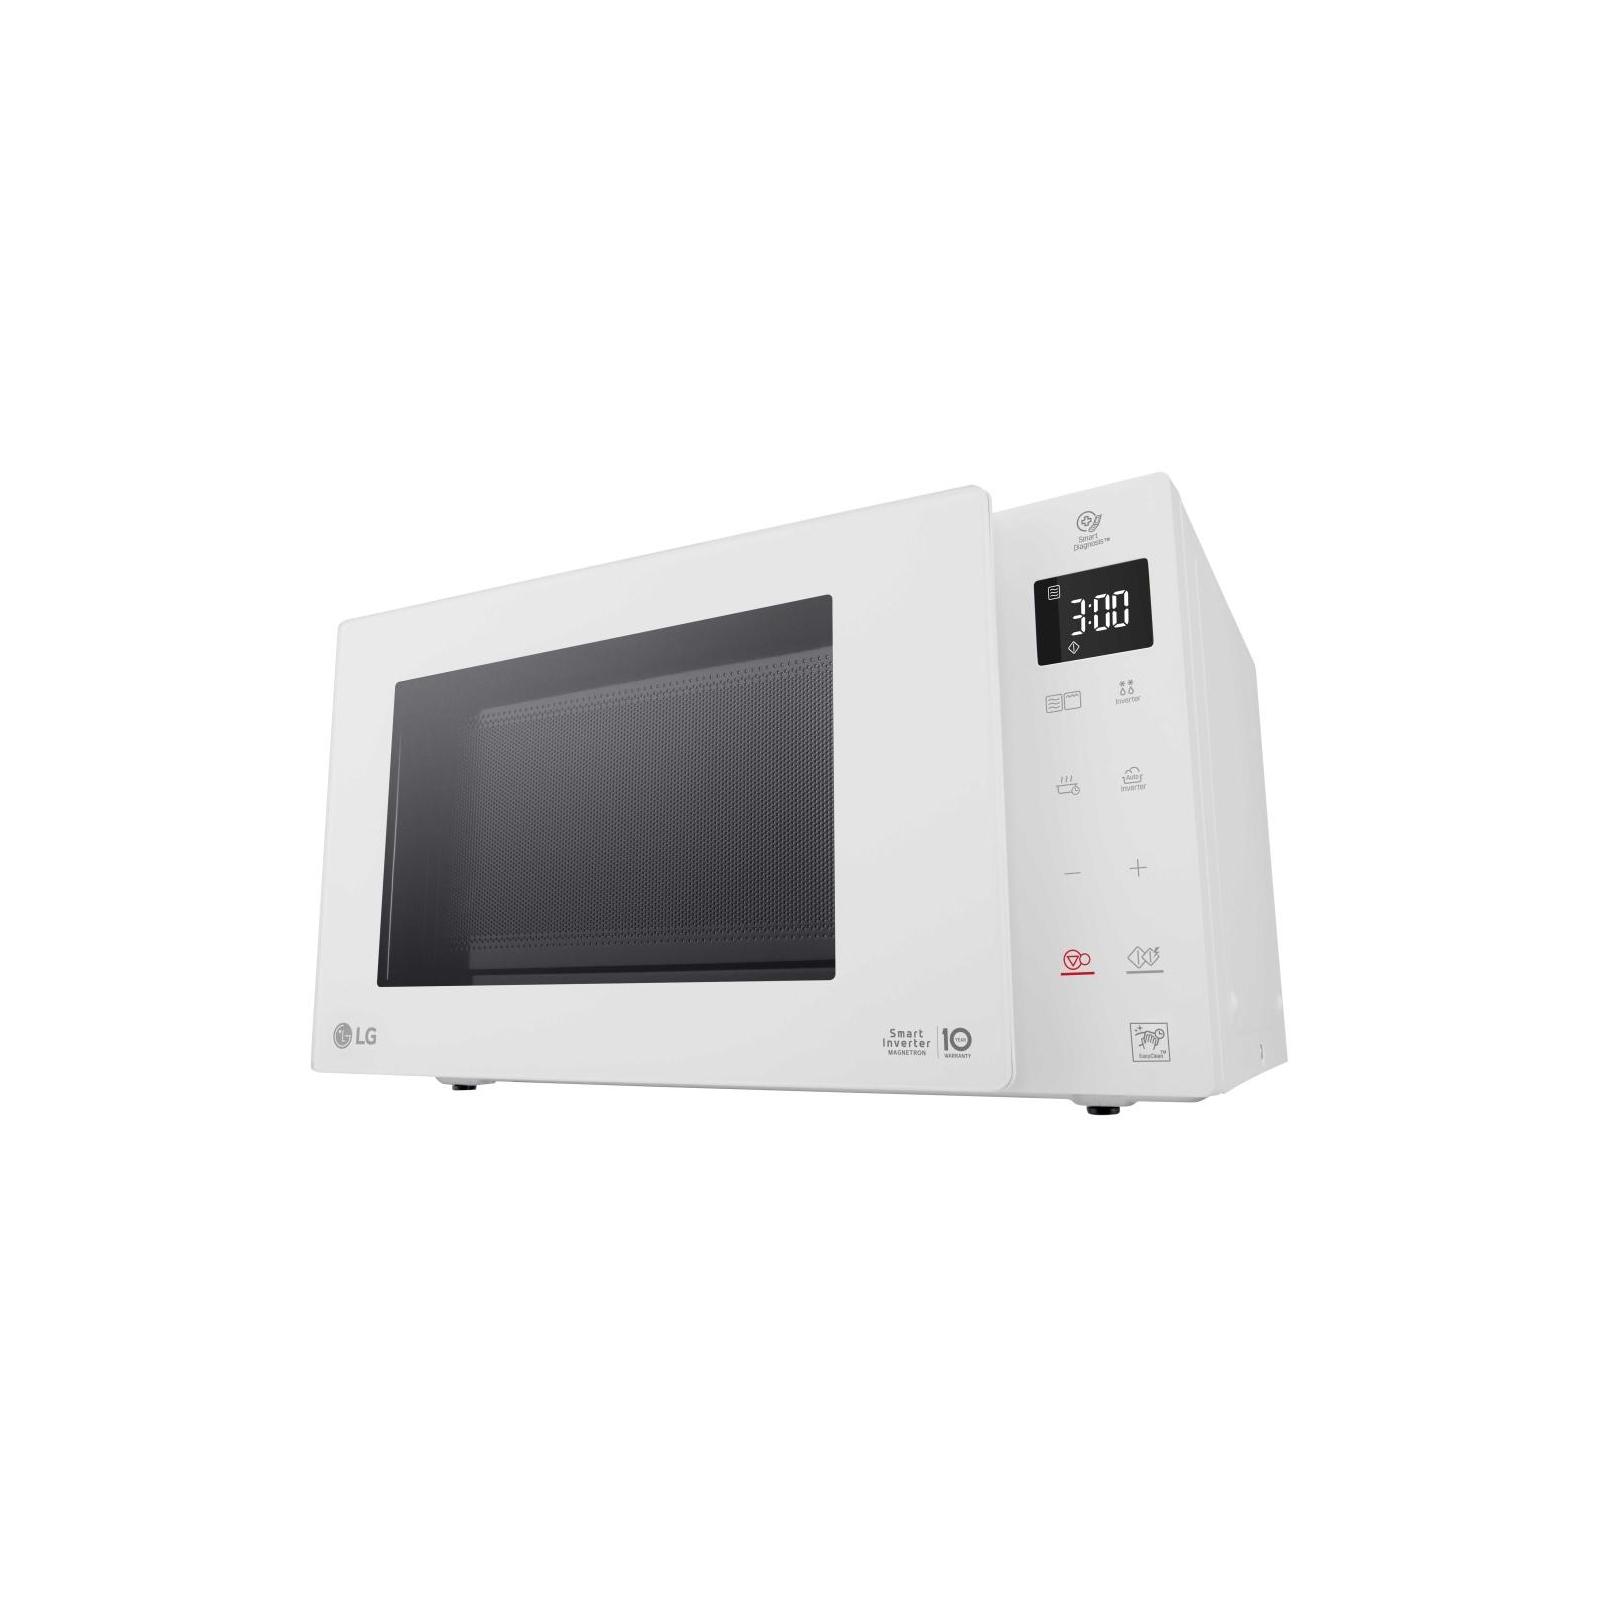 Микроволновая печь LG MH6336GIH изображение 4